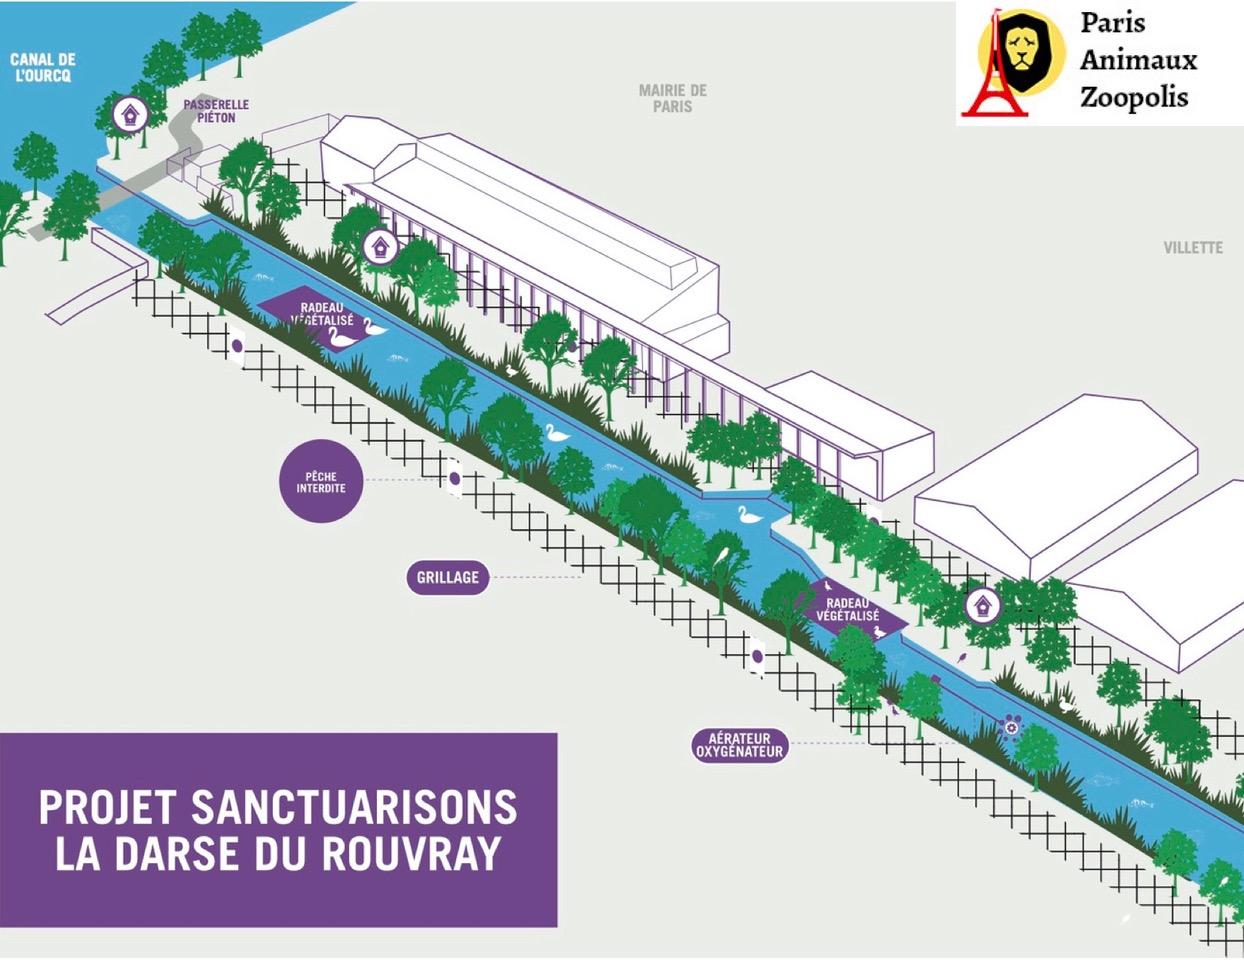 projet_sanctuarisation_darse_du_rouvray__608184c1414d2.jpeg